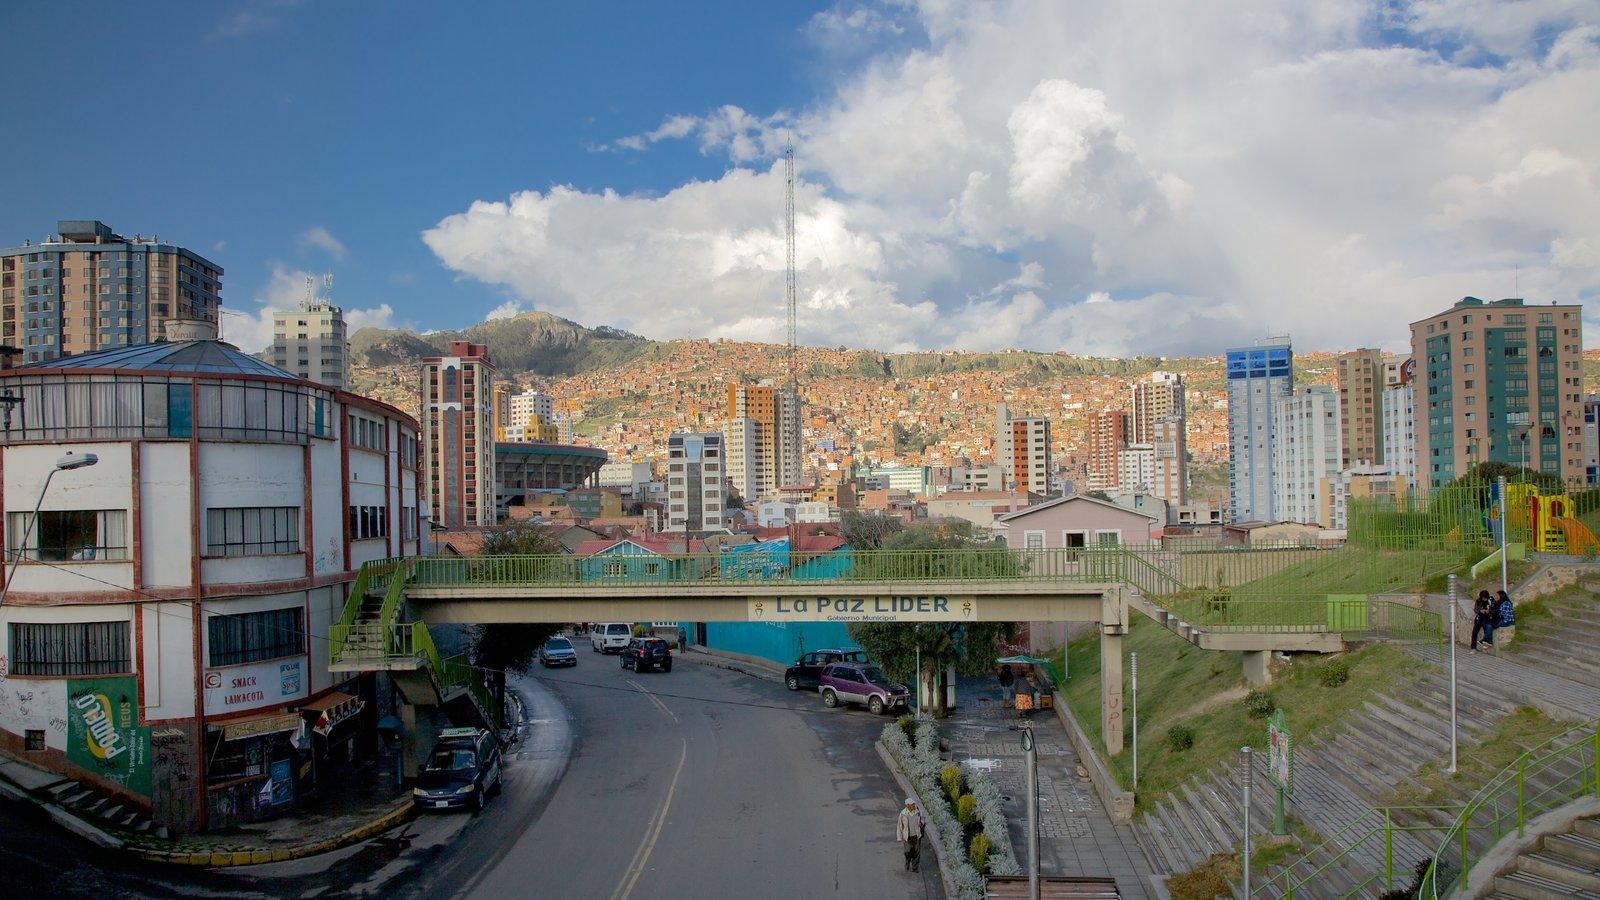 La Paz caracterizando uma cidade e uma ponte